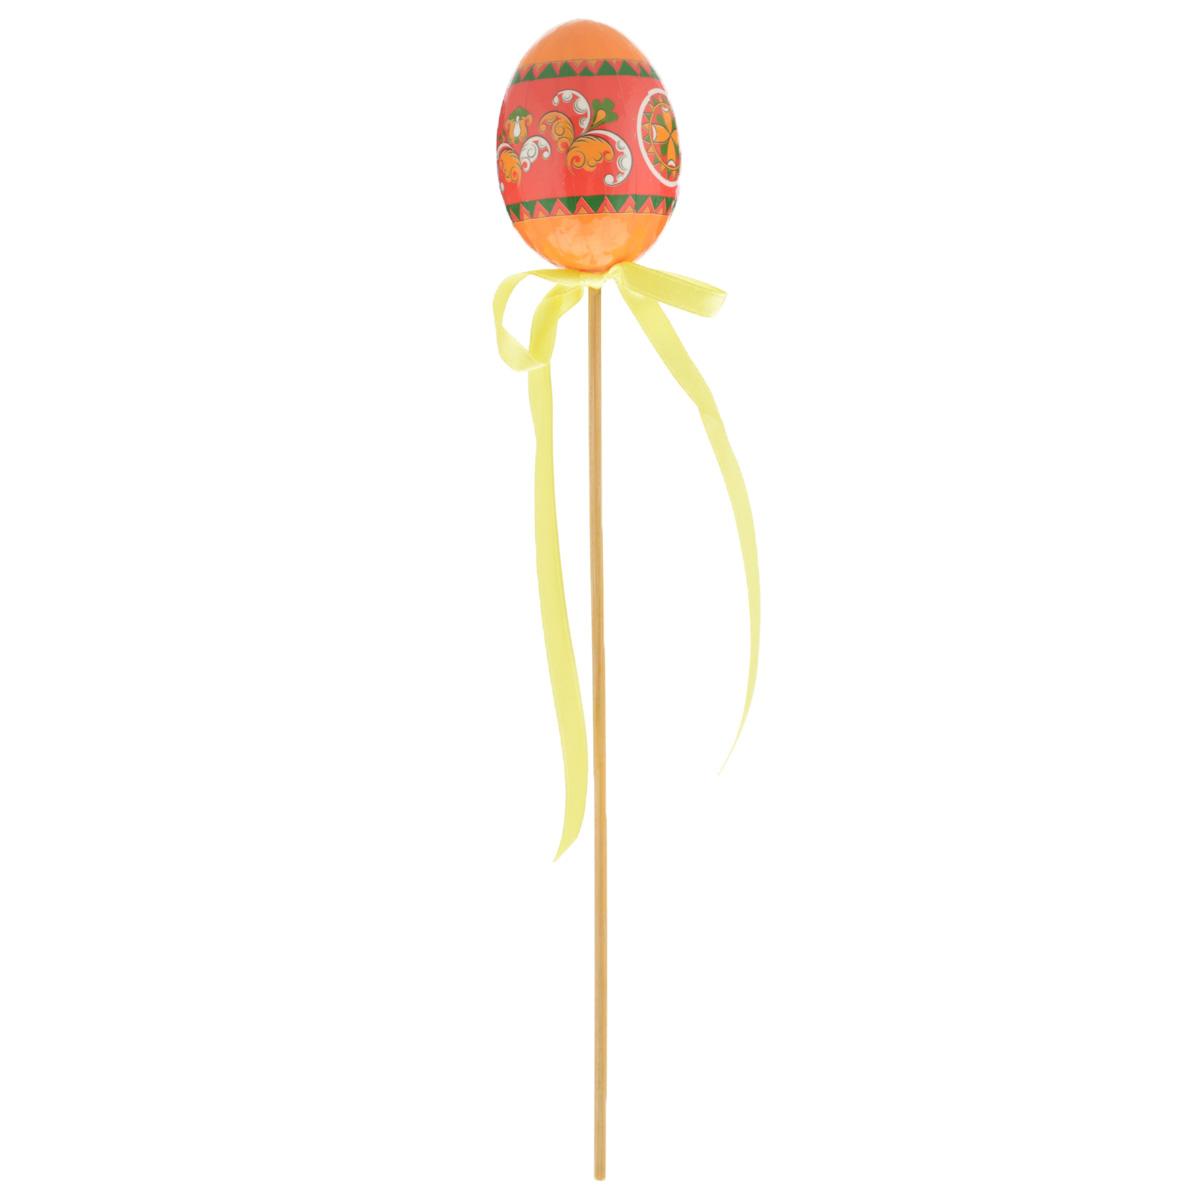 Декоративное пасхальное украшение на ножке Home Queen Народные промыслы, цвет: желтый, высота 26 см66754_1Украшение пасхальное Home Queen Народные промыслы изготовлено из высококачественного пластика и предназначено для украшения праздничного стола. Украшение выполнено в виде яйца на деревянной шпажке и украшено текстильным бантом. Такое украшение прекрасно дополнит подарок для друзей и близких на Пасху. Высота: 26 см. Размер фигурки: 4 см х 4 см х 6 см.